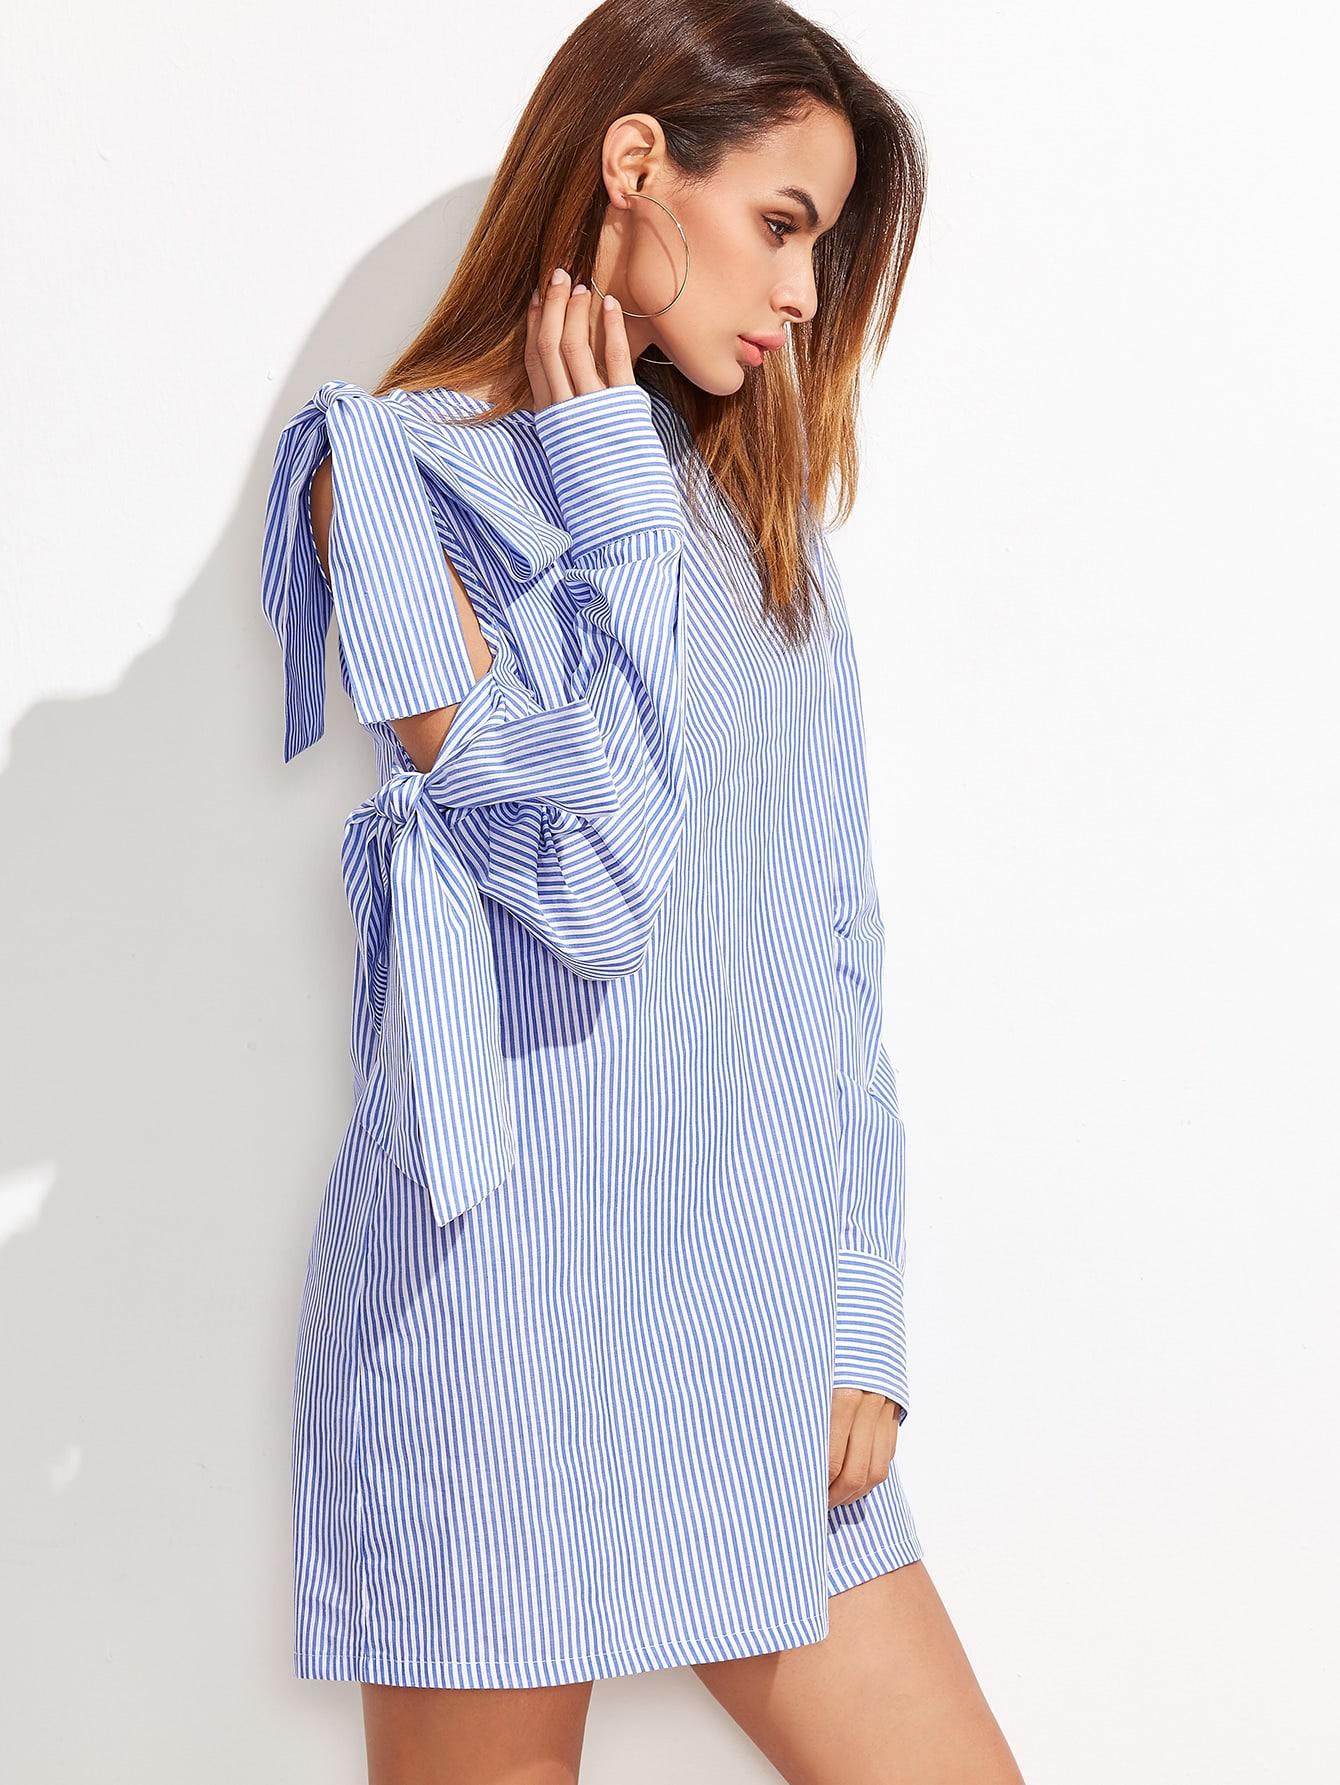 dress161125709_2